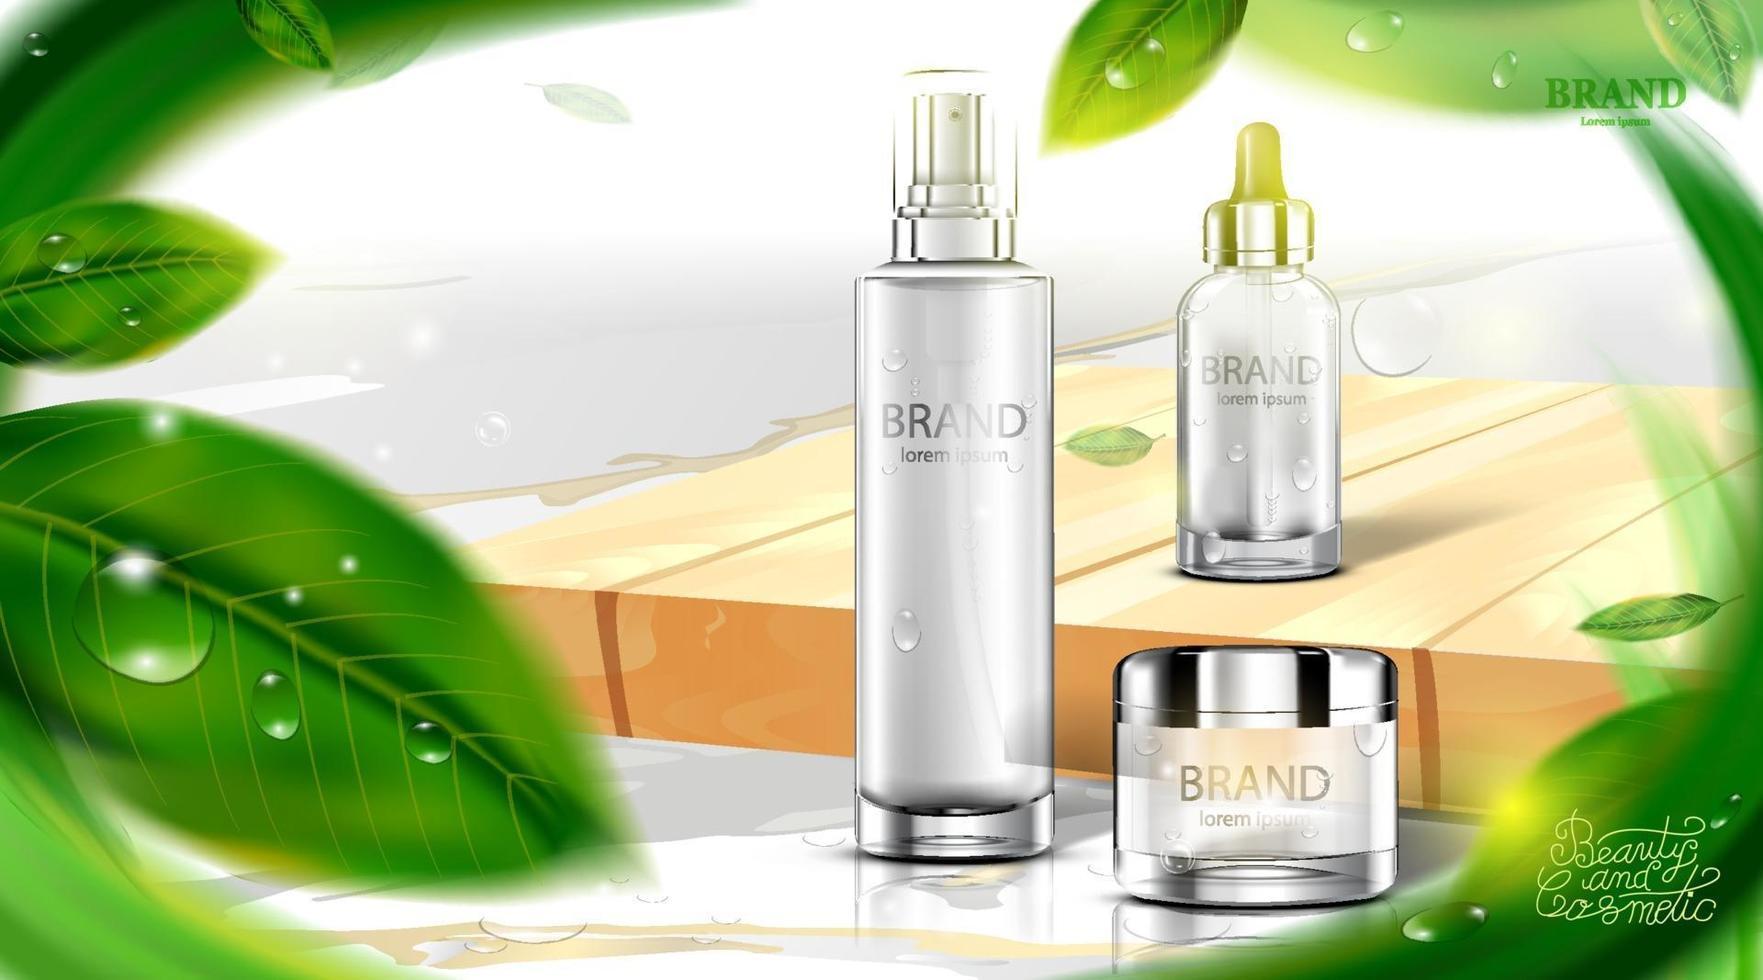 crème de soin de peau de paquet de bouteille cosmétique de luxe, affiche de produit cosmétique de beauté, avec des feuilles de thé vert et fond de couleur verte naturelle vecteur